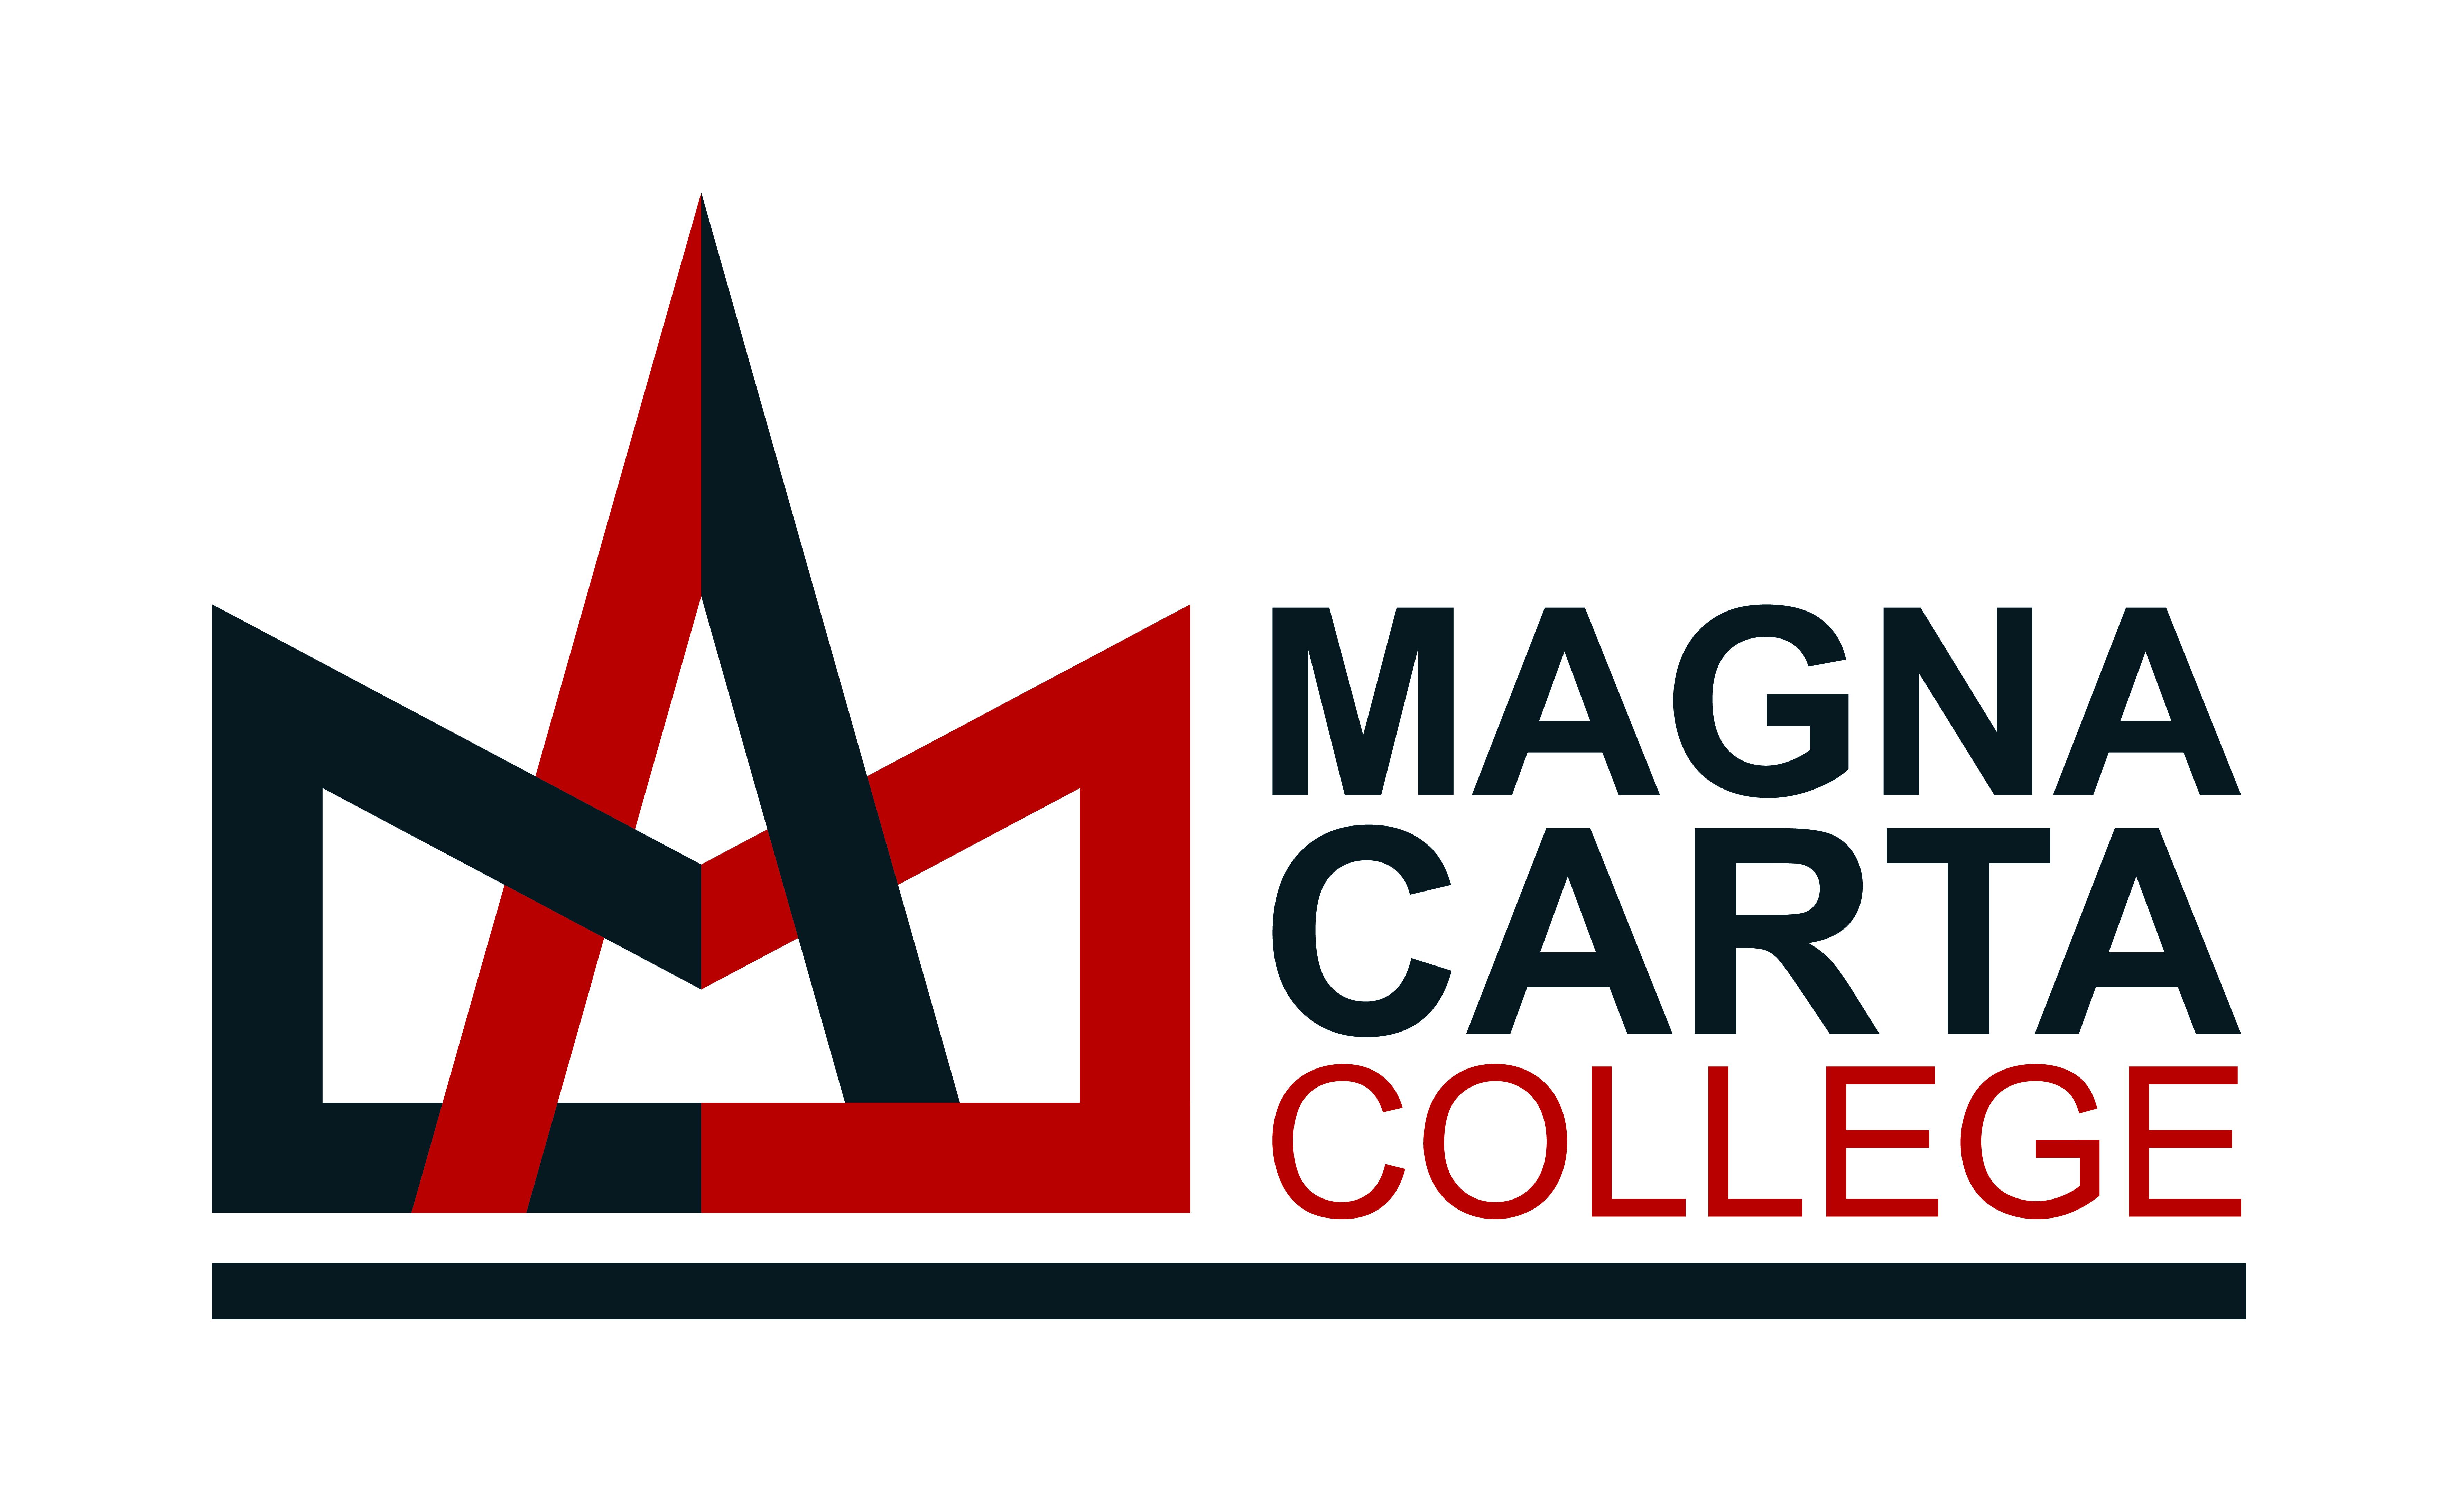 Magna Carta College